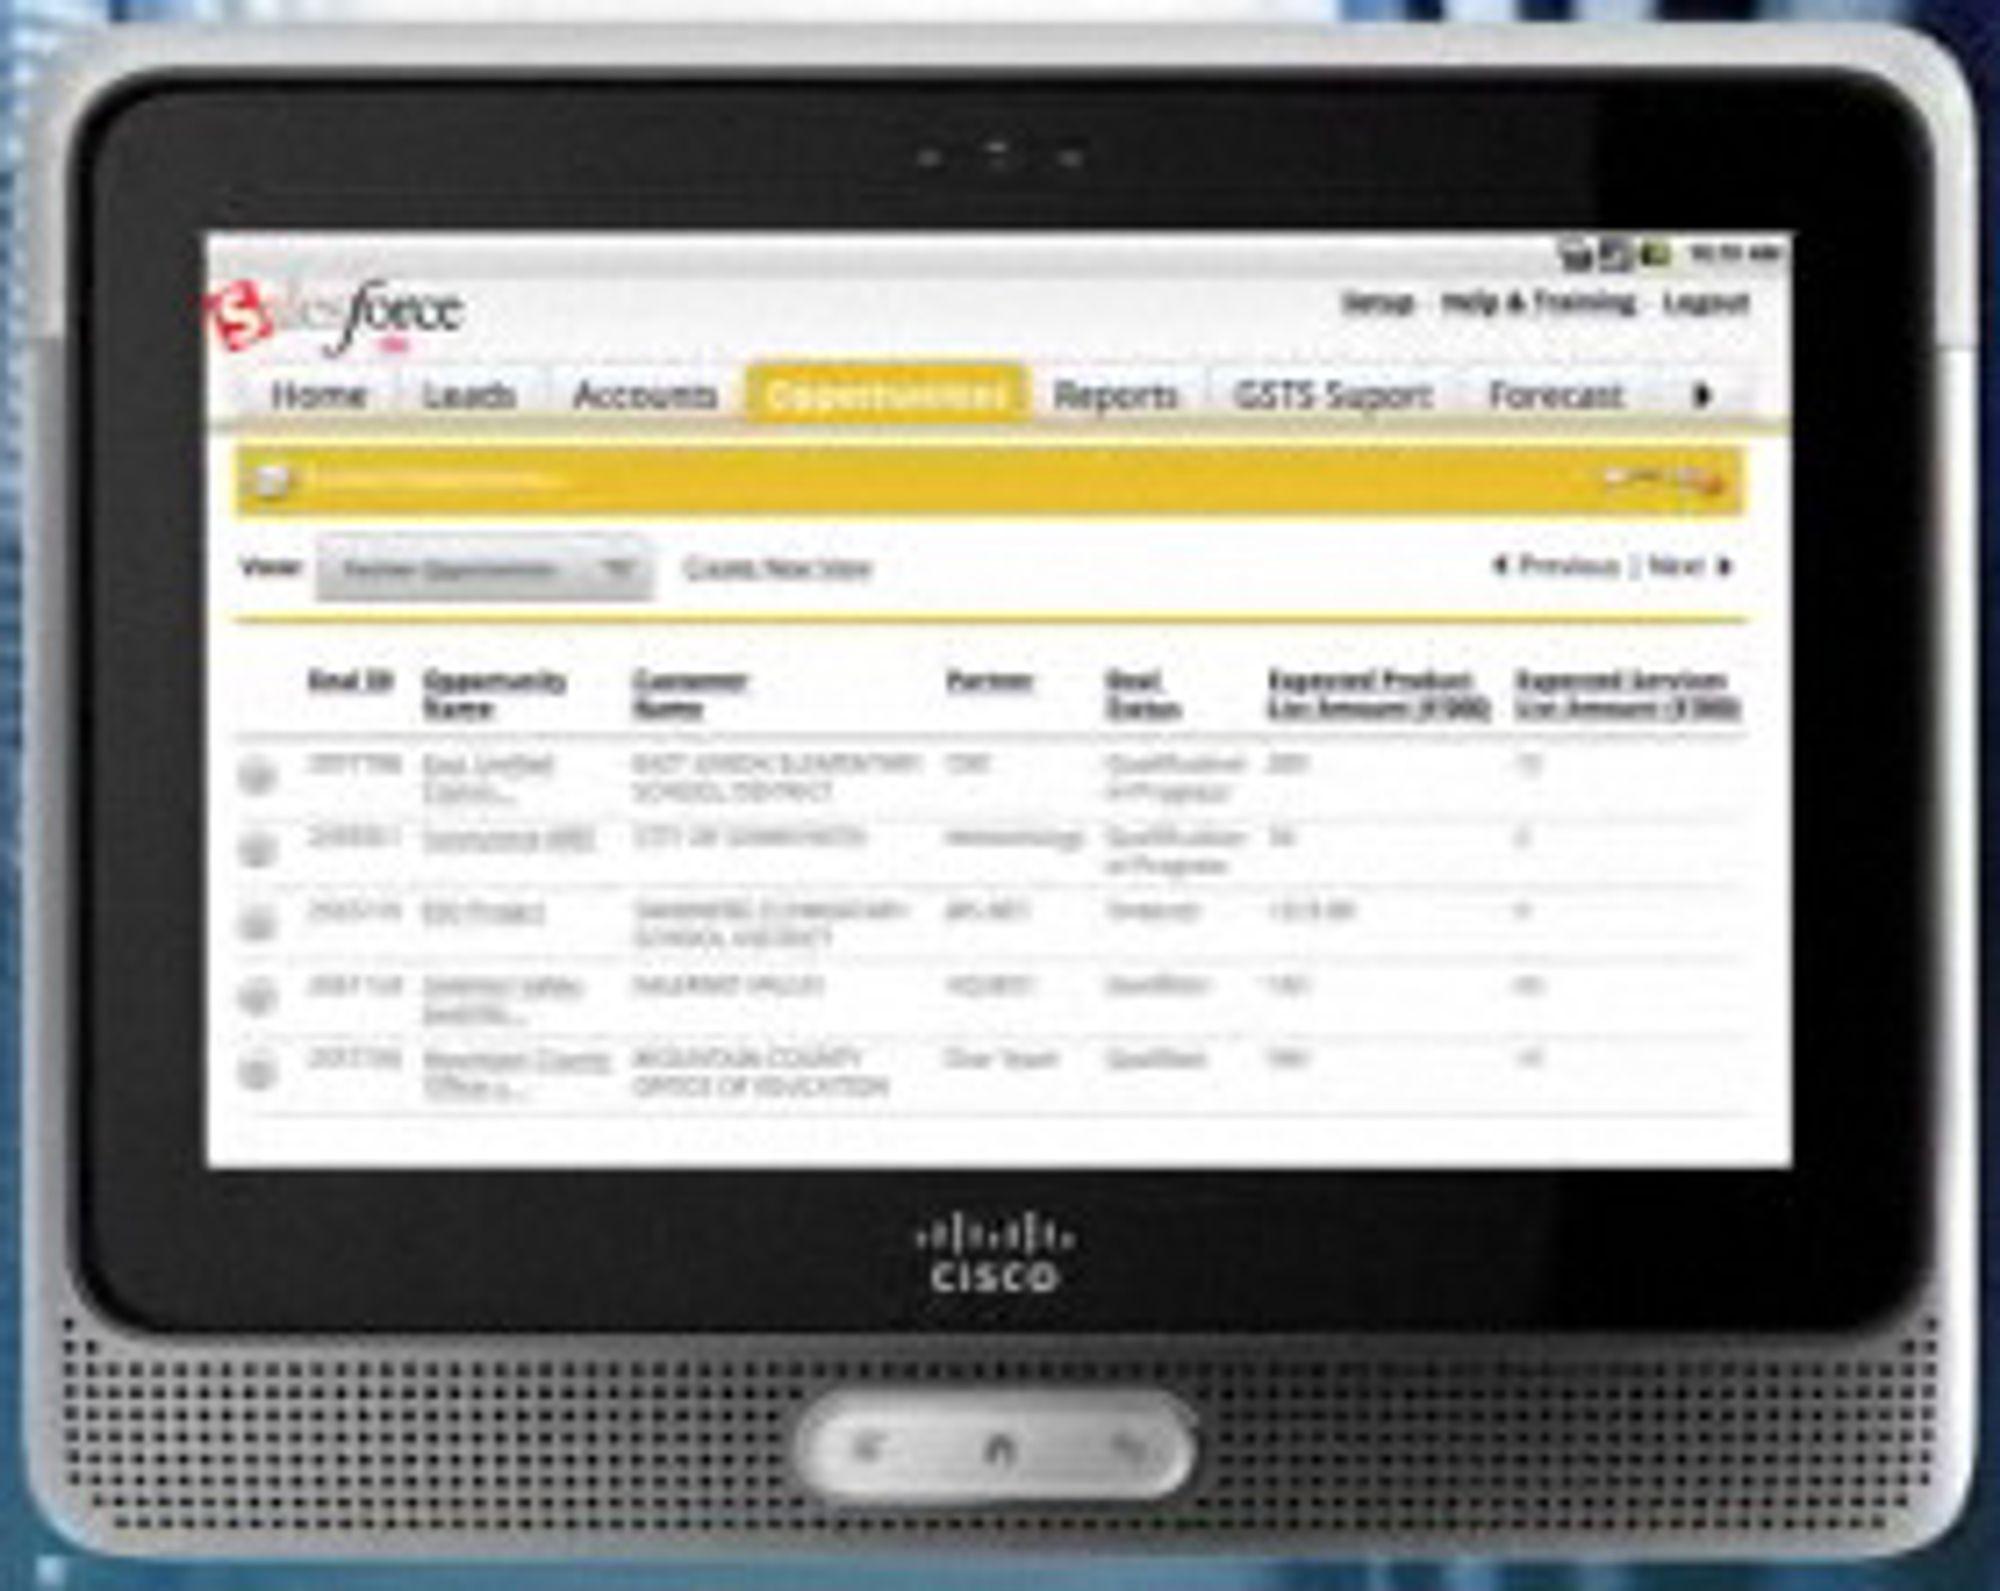 Cius gir mobil tilgang til bedriftsapplikasjoner som Salesforce.